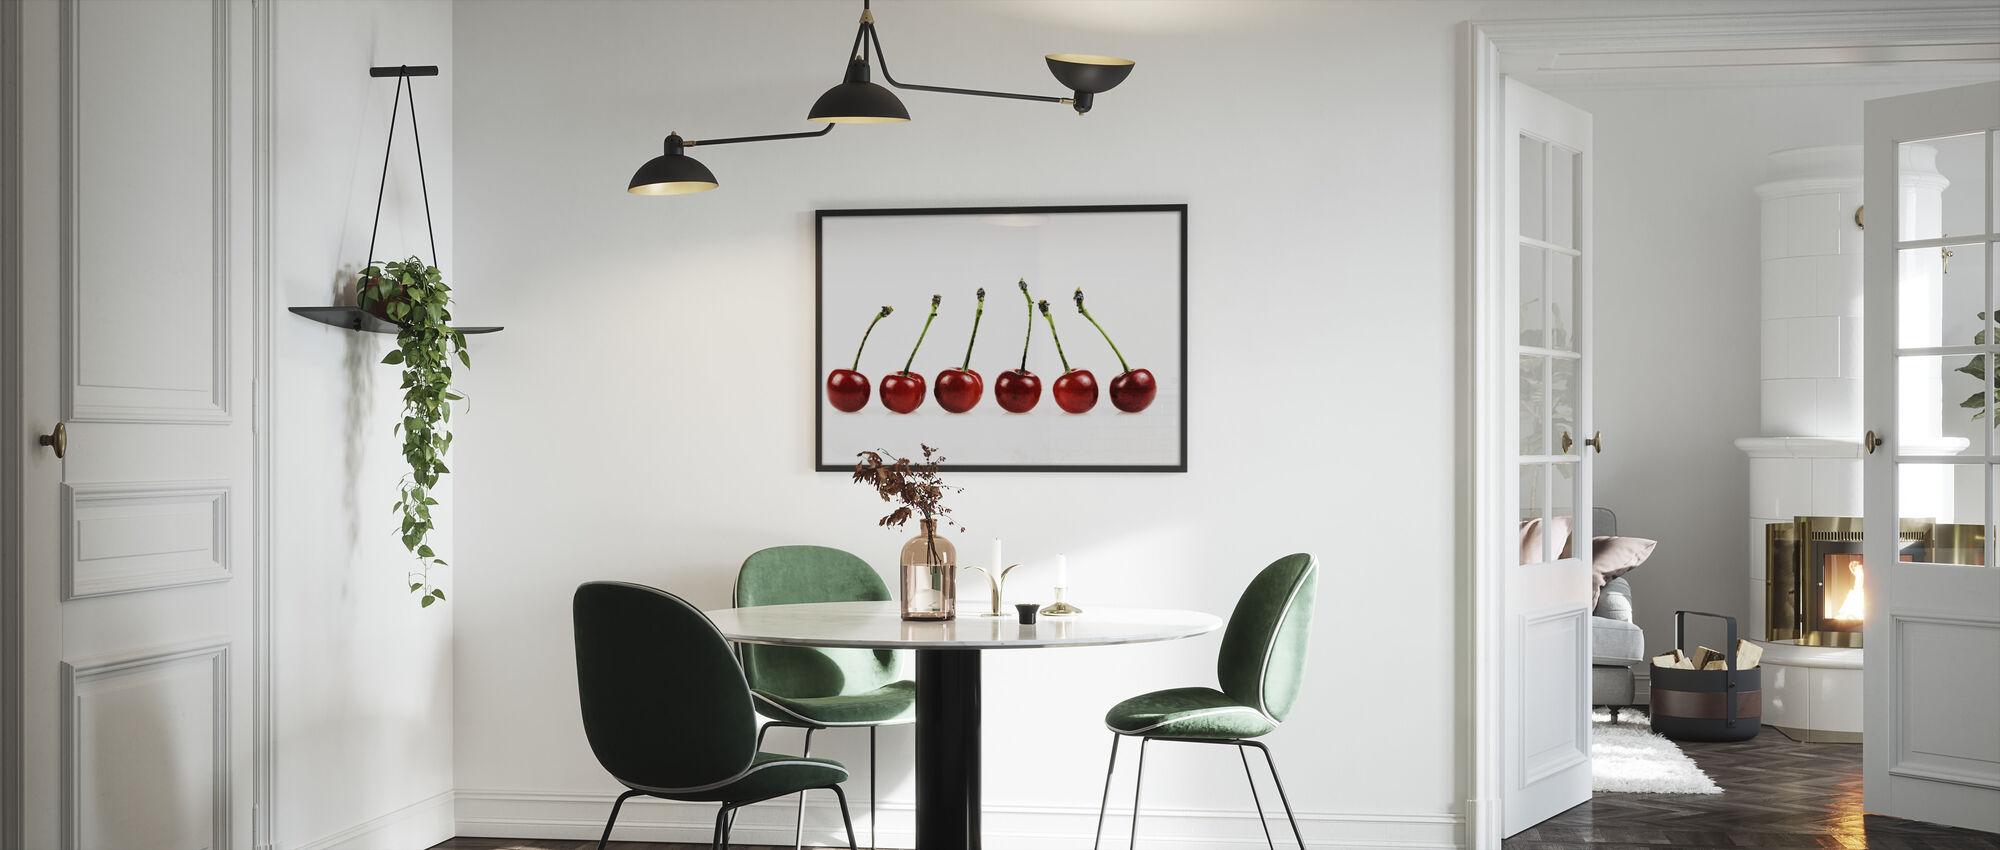 Friske Kirsebær - Indrammet billede - Køkken